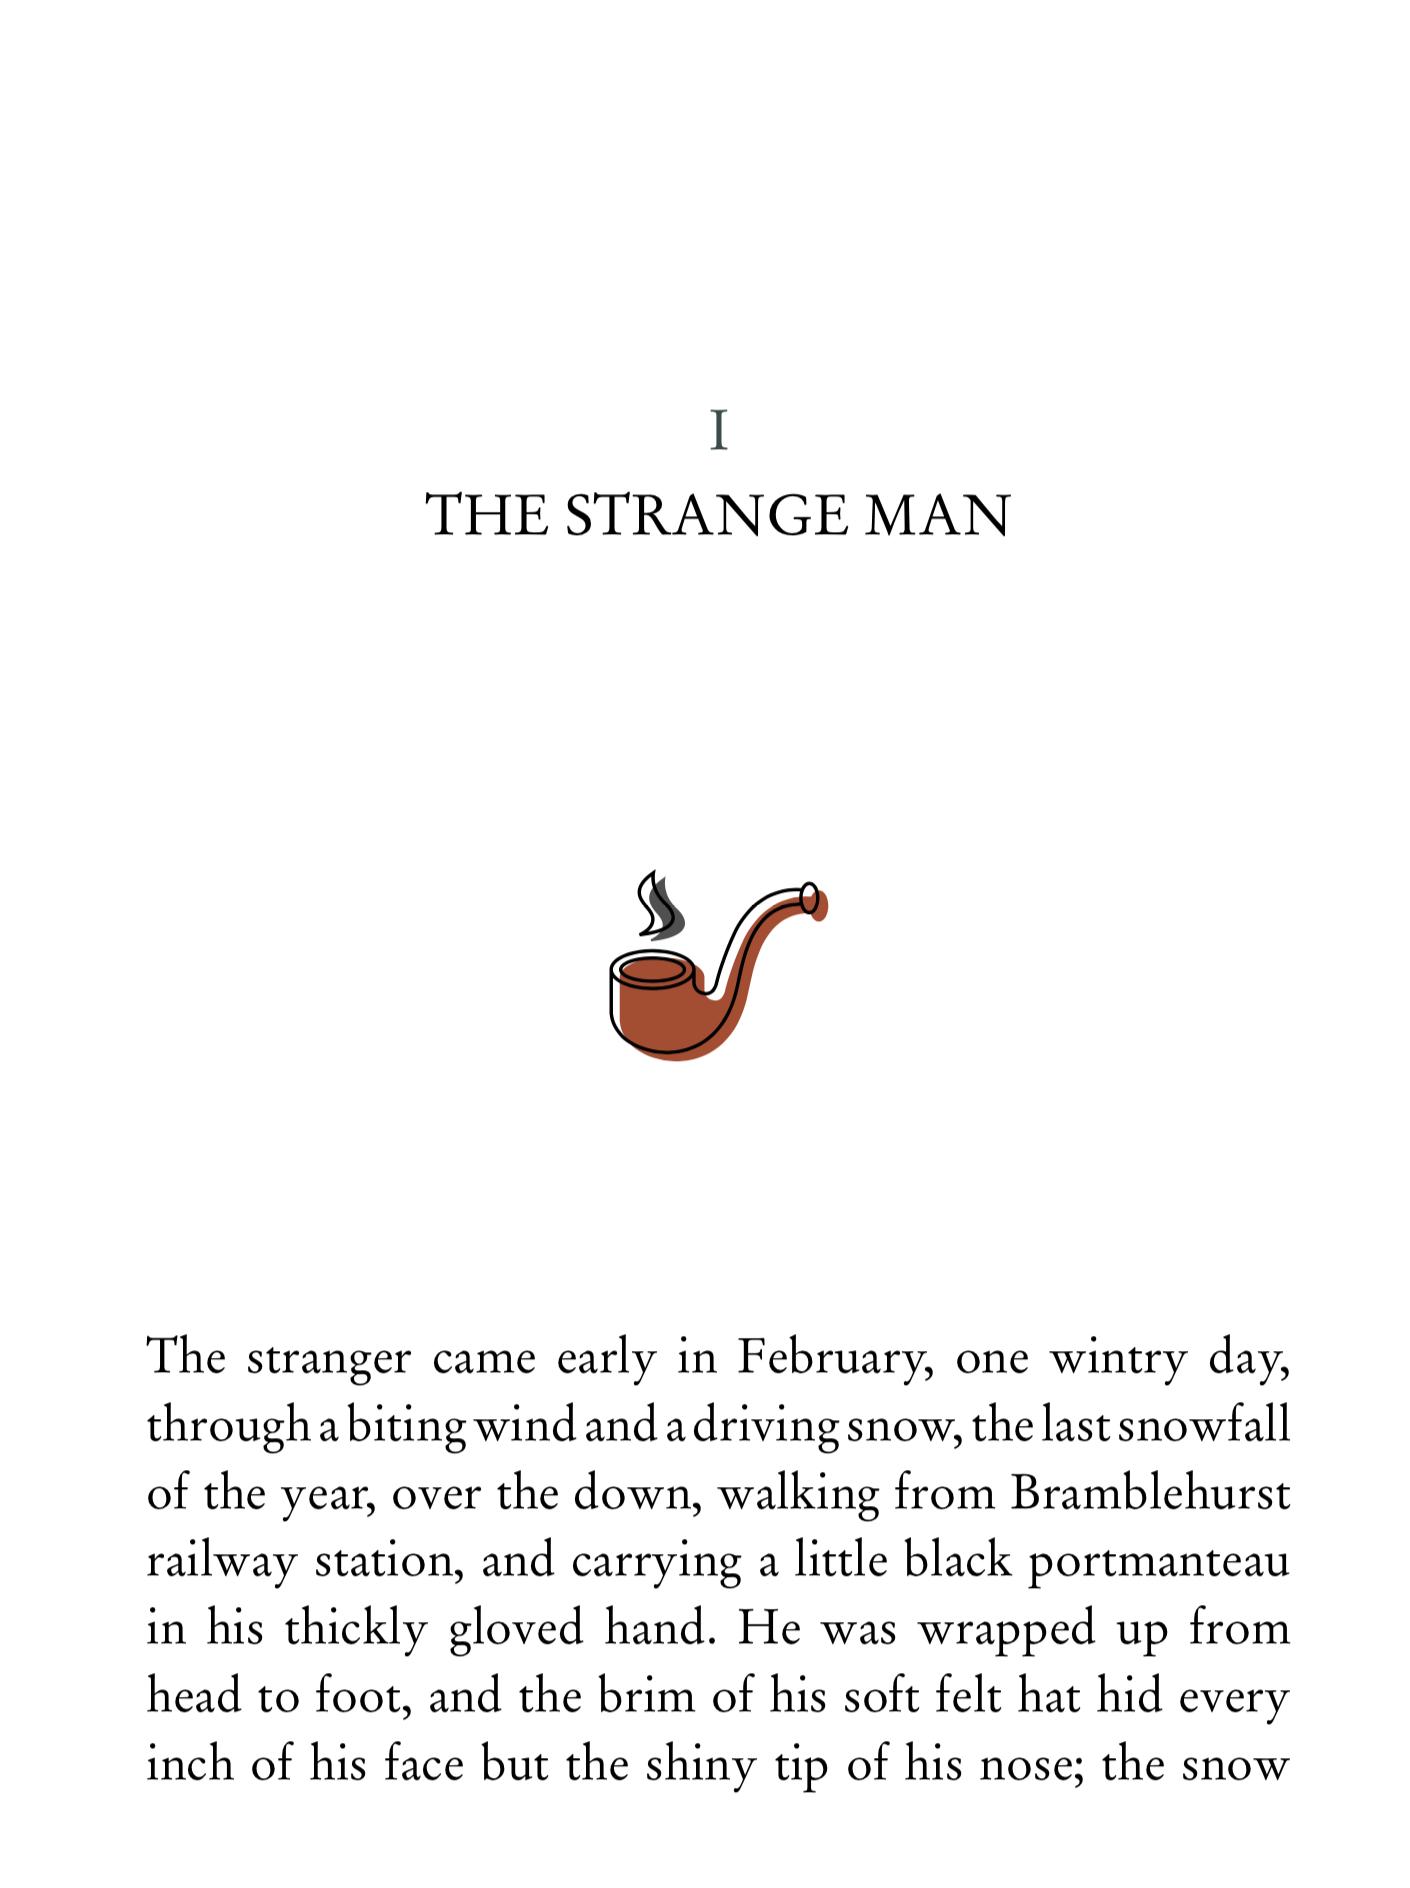 strangeman angelspinyol - THE INVISIBLE MAN - Disseny i maquetació llibre interactiu